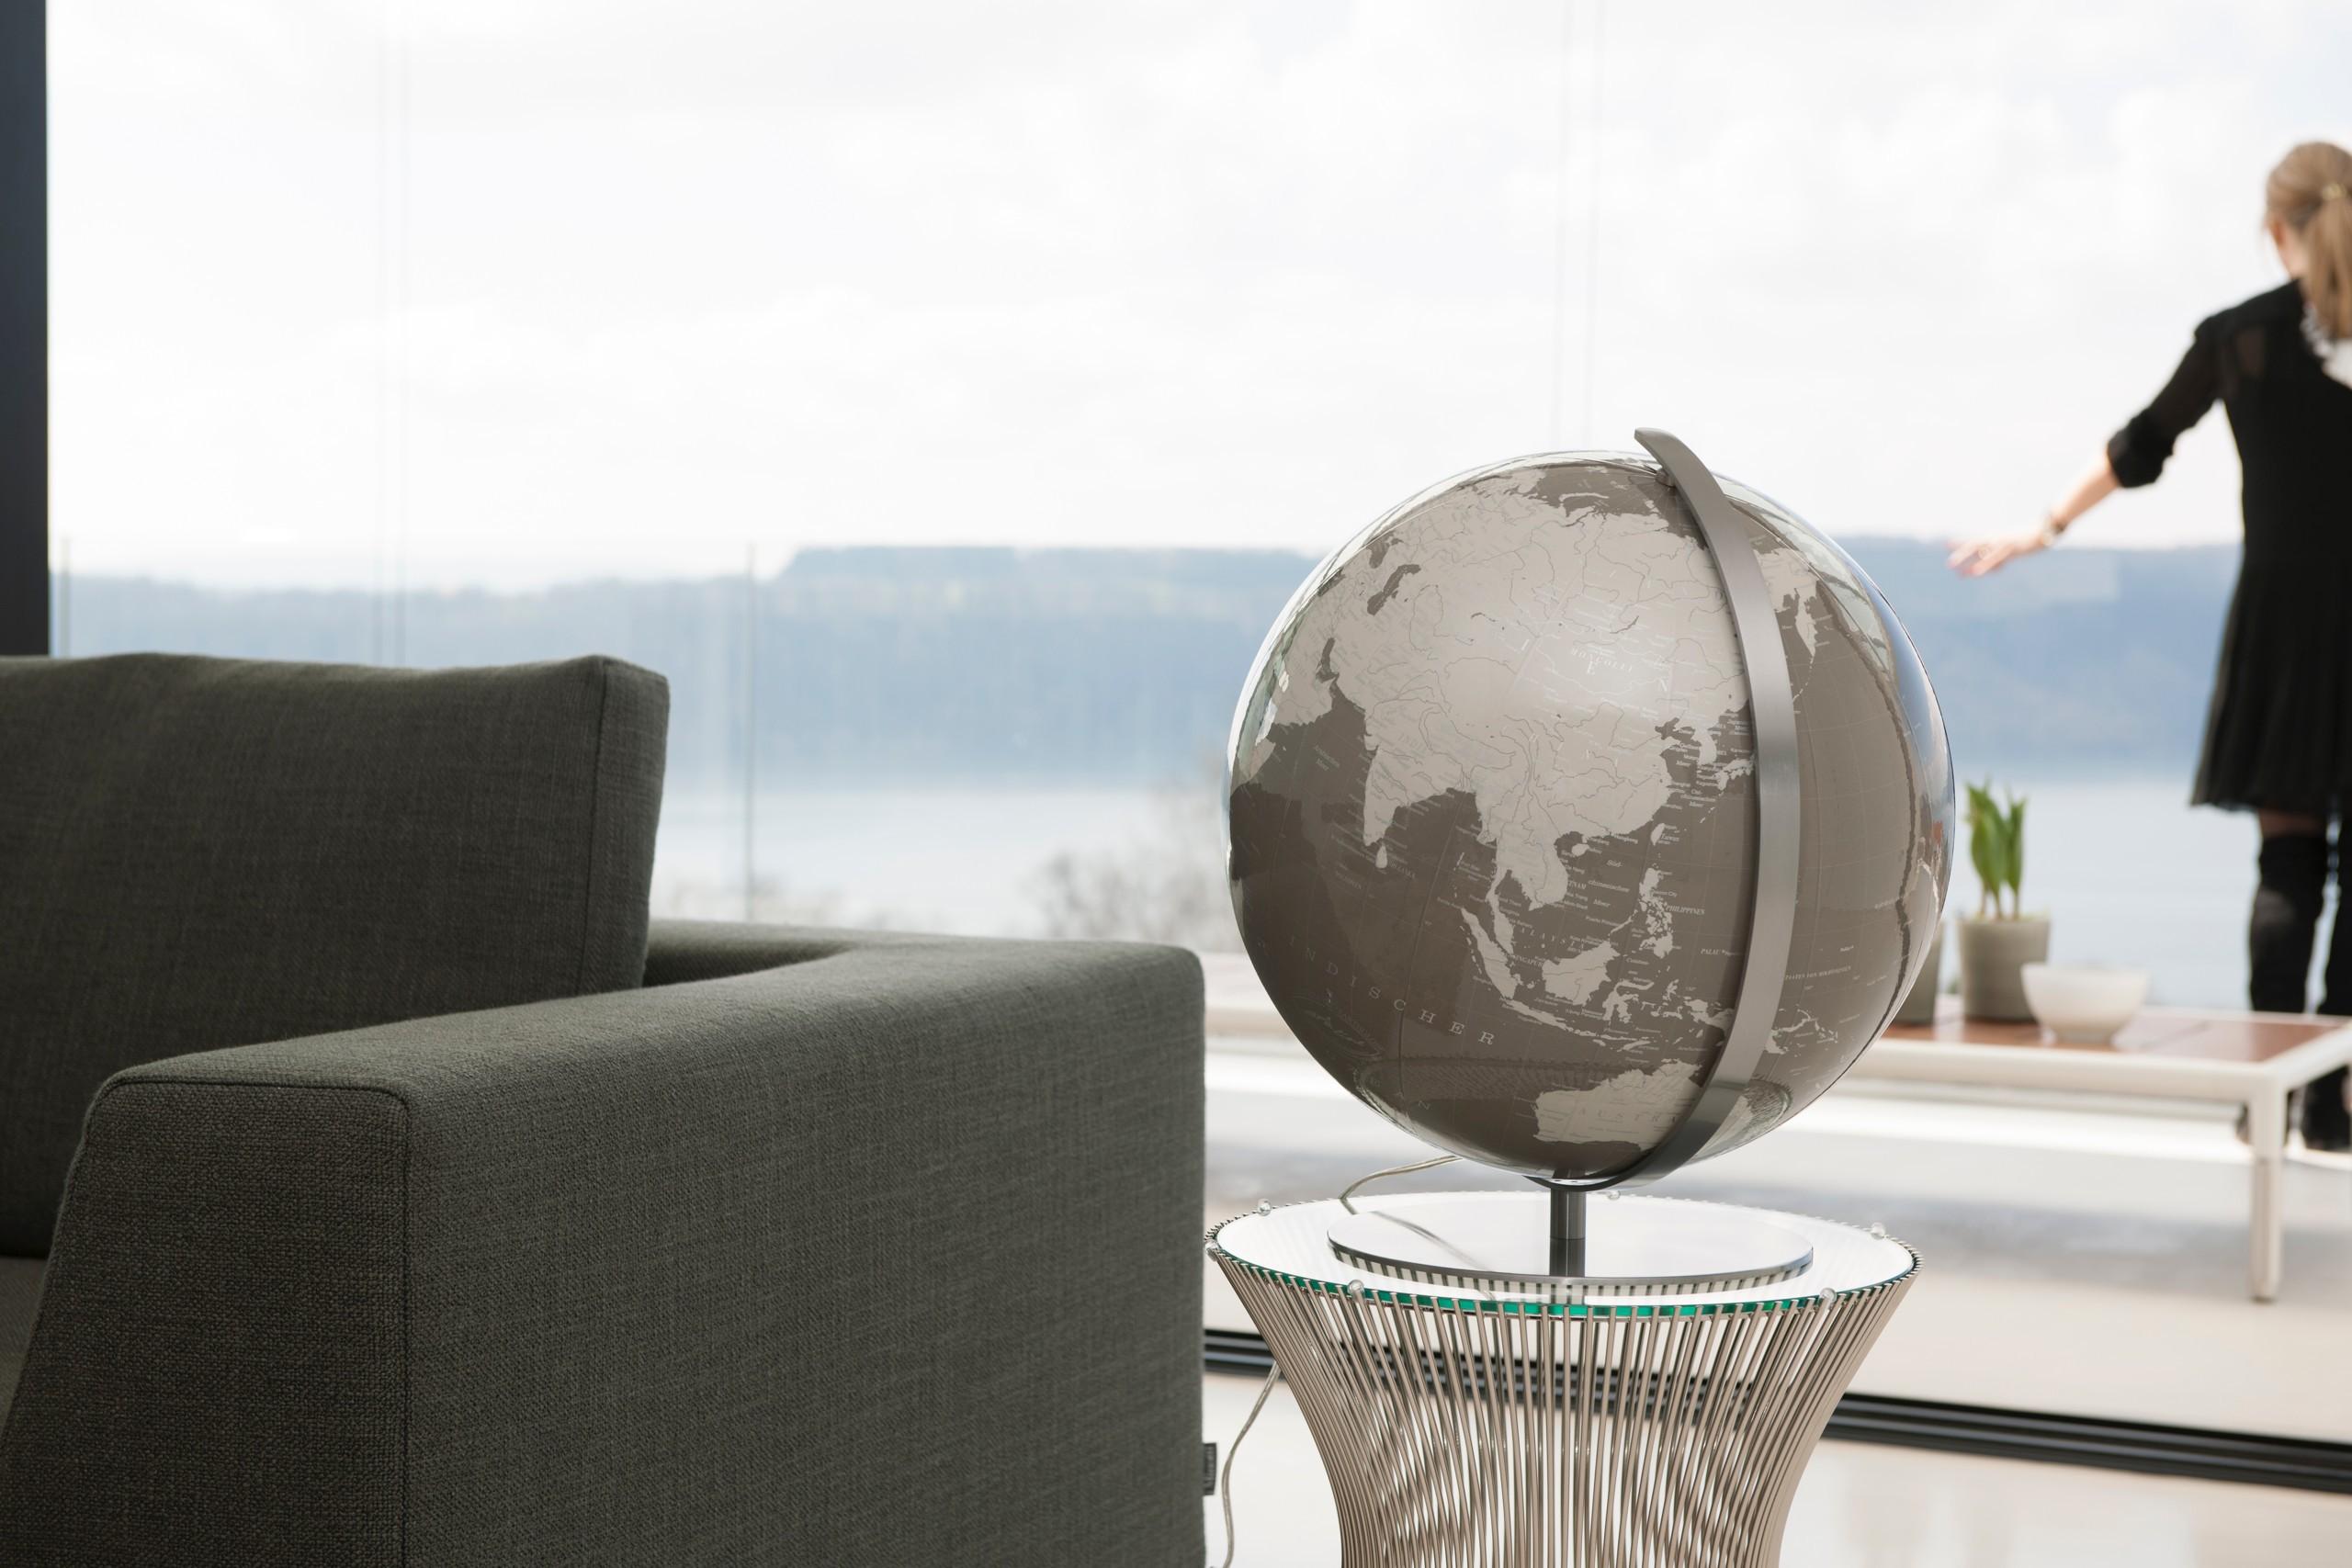 globus 2 0 das beste von damals modern interpretiert. Black Bedroom Furniture Sets. Home Design Ideas